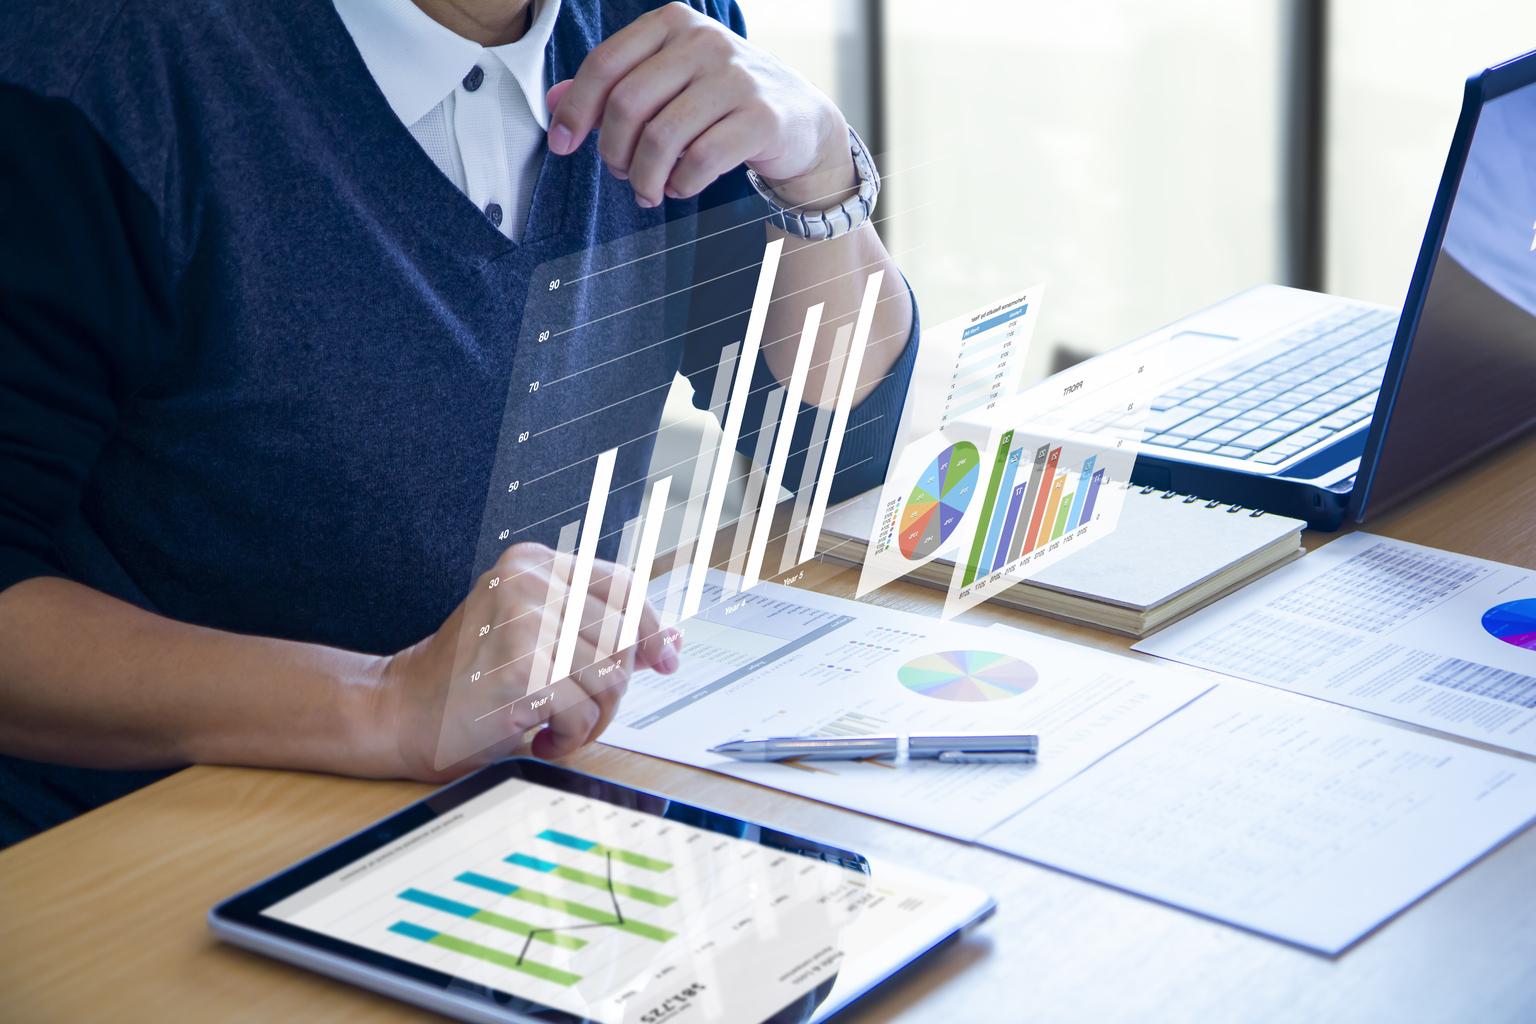 Wolters Kluwer CCH® Tagetik distingué dans le Market Guide 2021 des Solutions Cloud d'Analyse et de Planification Étendues (xP&A)